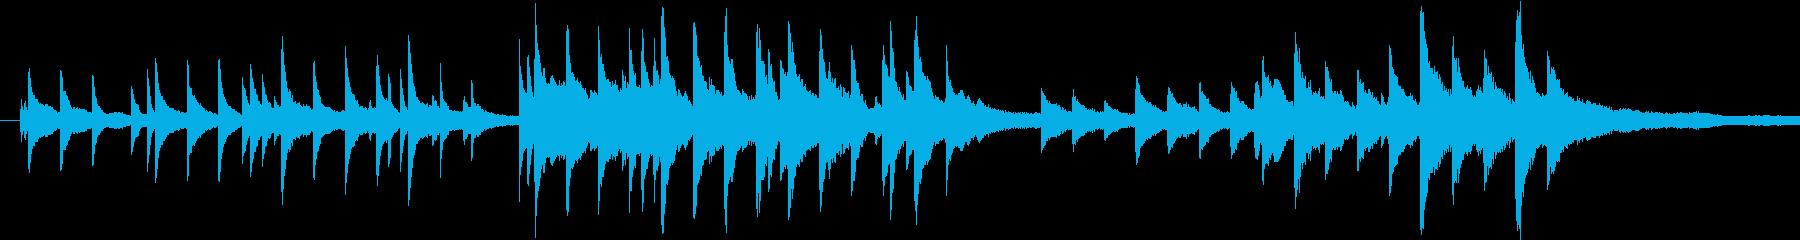 プログレッシブ 交響曲 美しい 子...の再生済みの波形